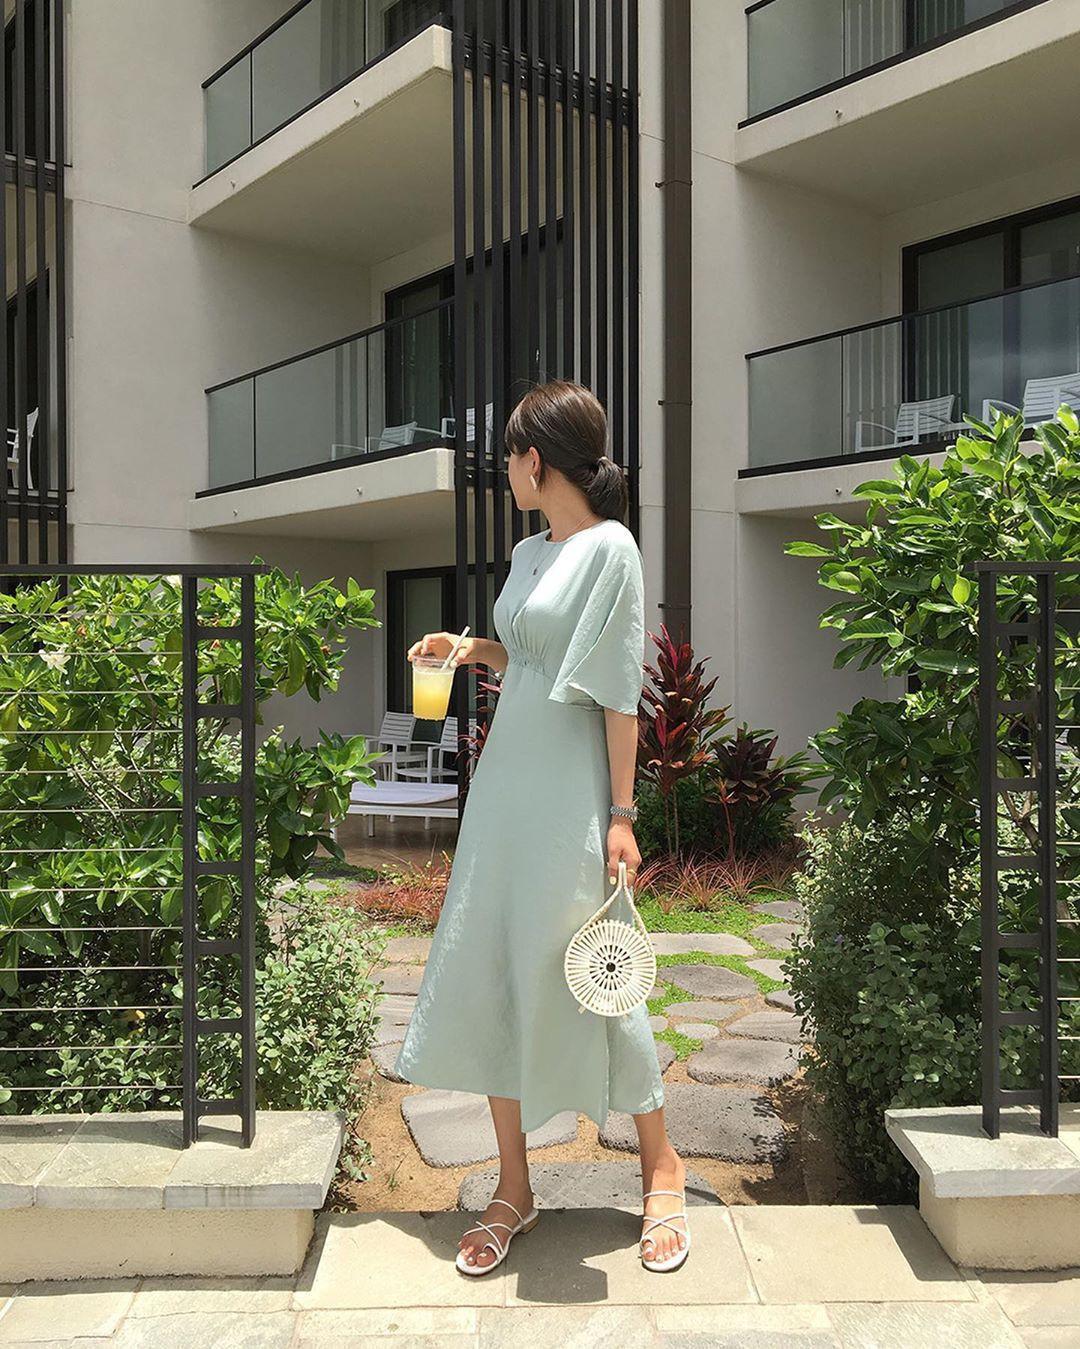 Muốn mặc đẹp hãy tham khảo 15 bộ đồ từ street style châu Á dưới đây, với rất nhiều gợi ý váy áo thô/đũi mát mẻ - Ảnh 3.